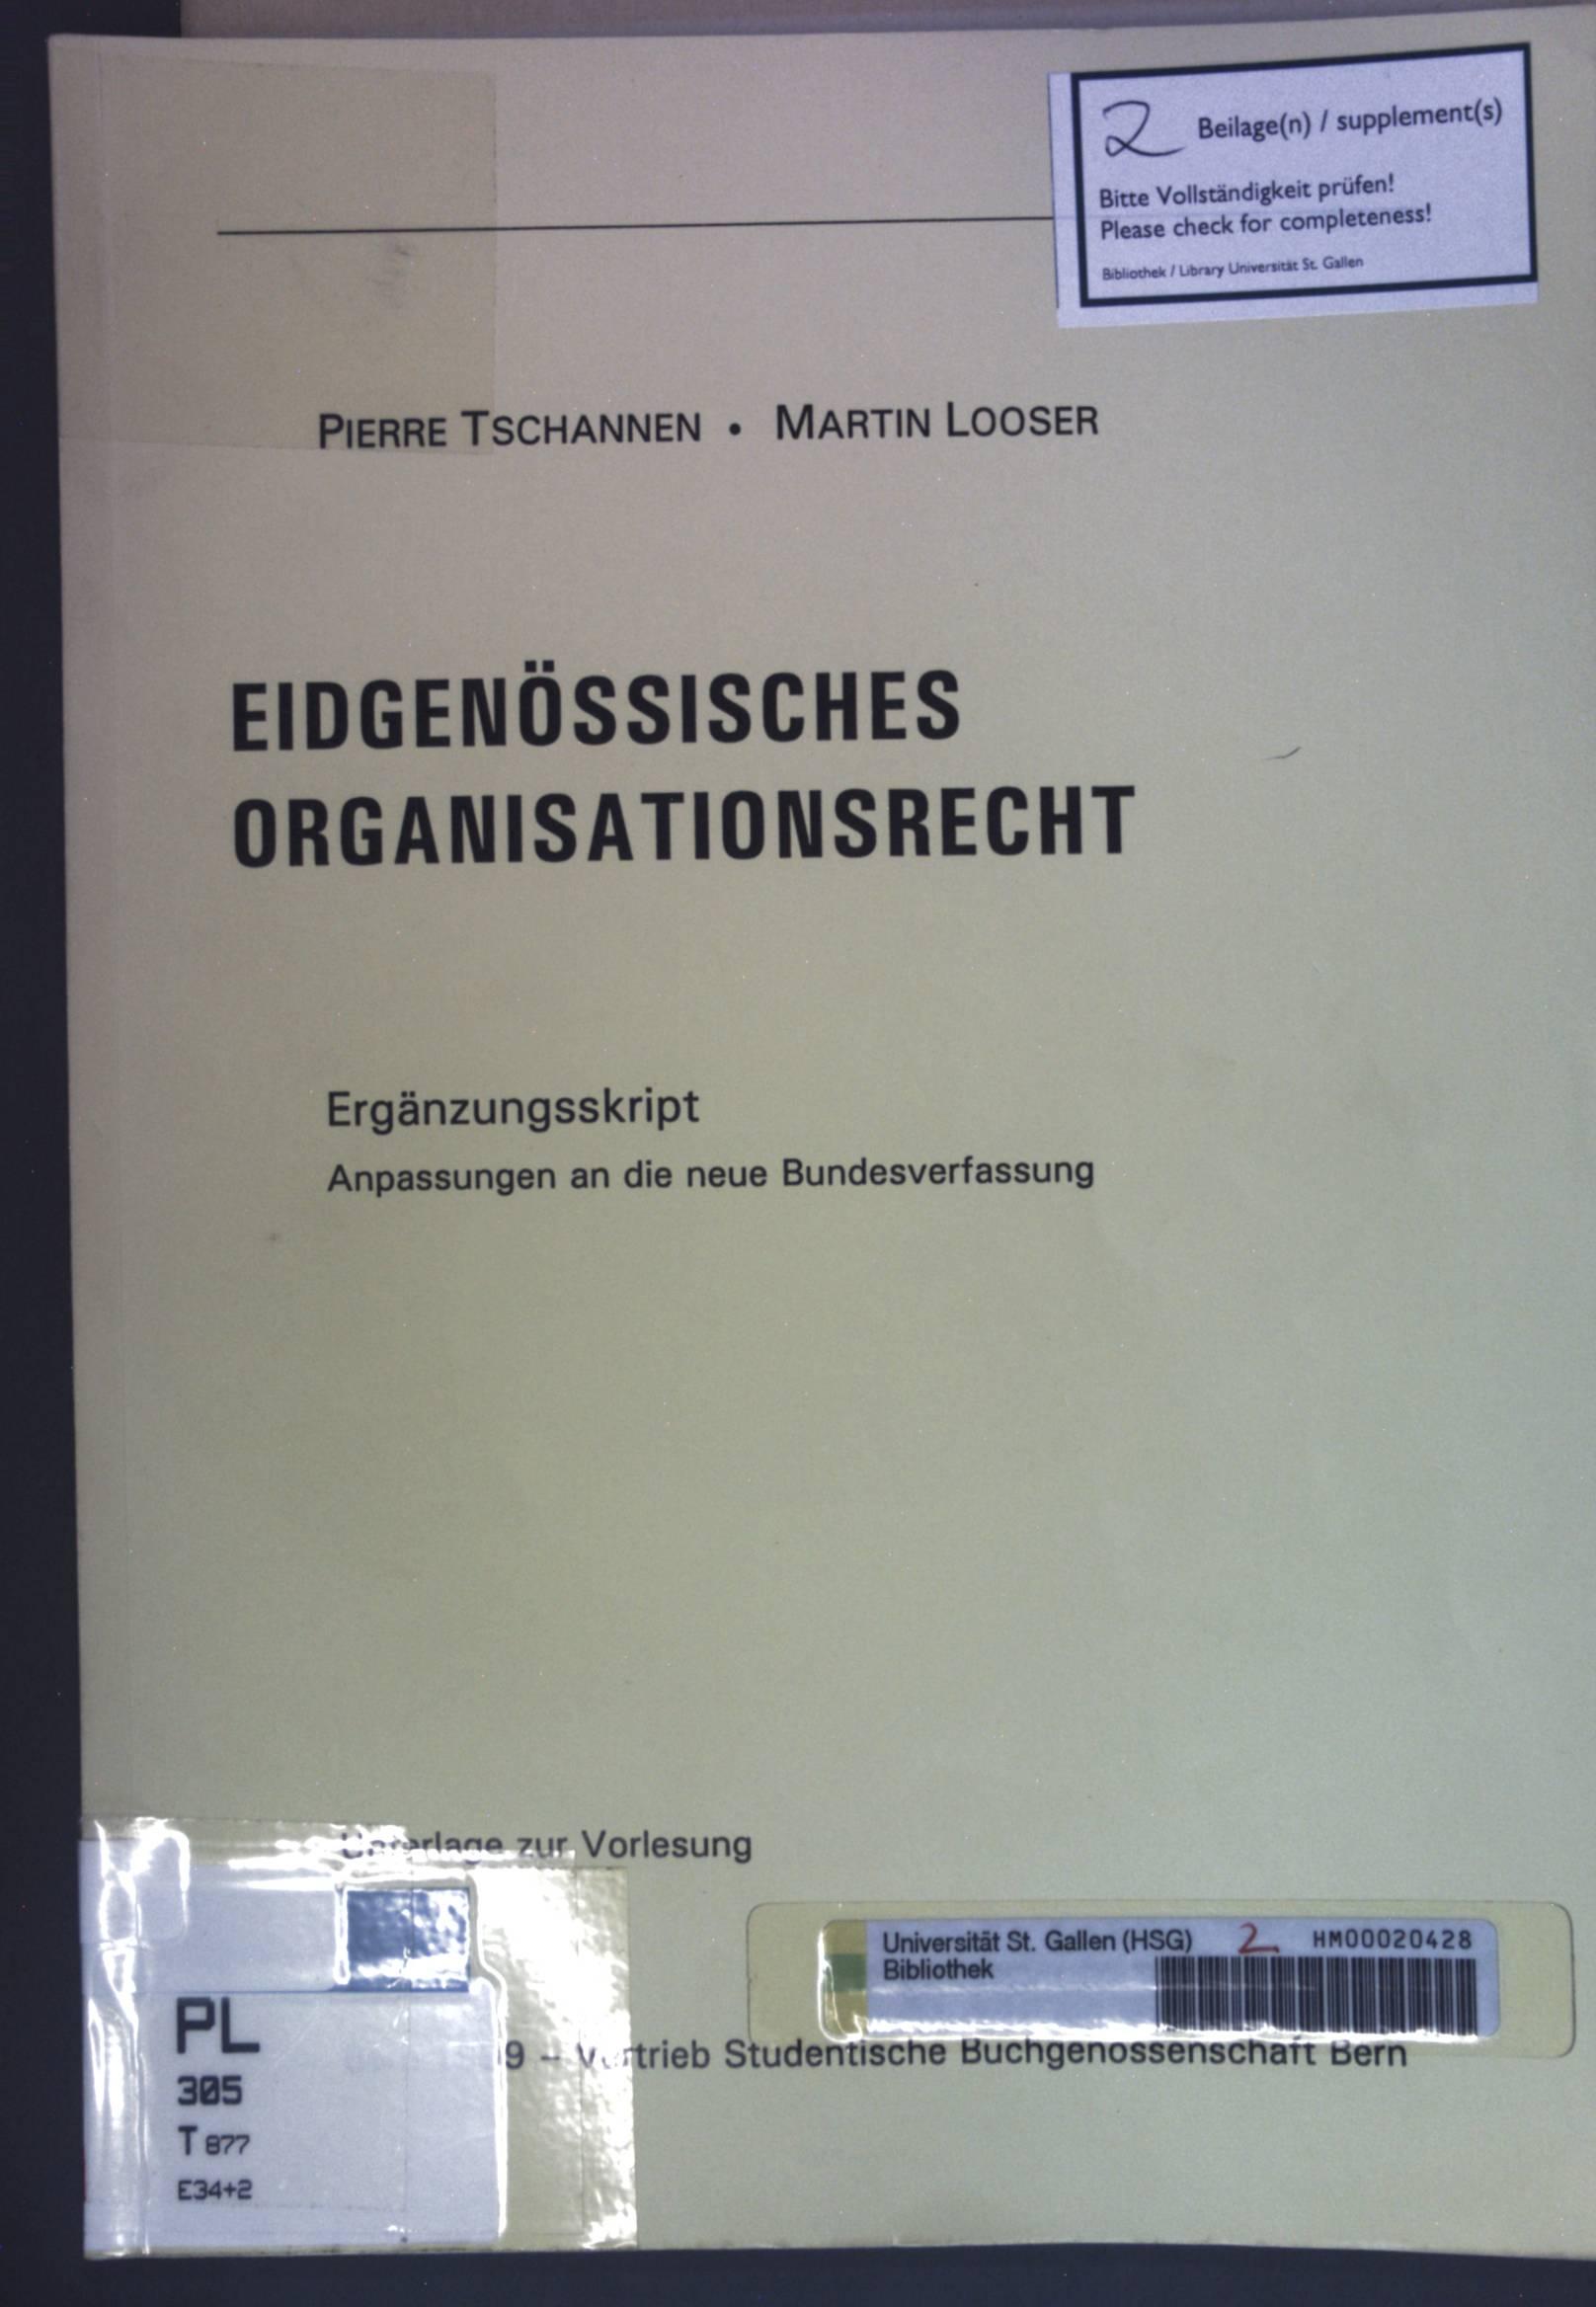 Eidgenössisches Organisationsrecht: Ergänzungsskript: Anpasung an die neue: Tschannen, Pierre und